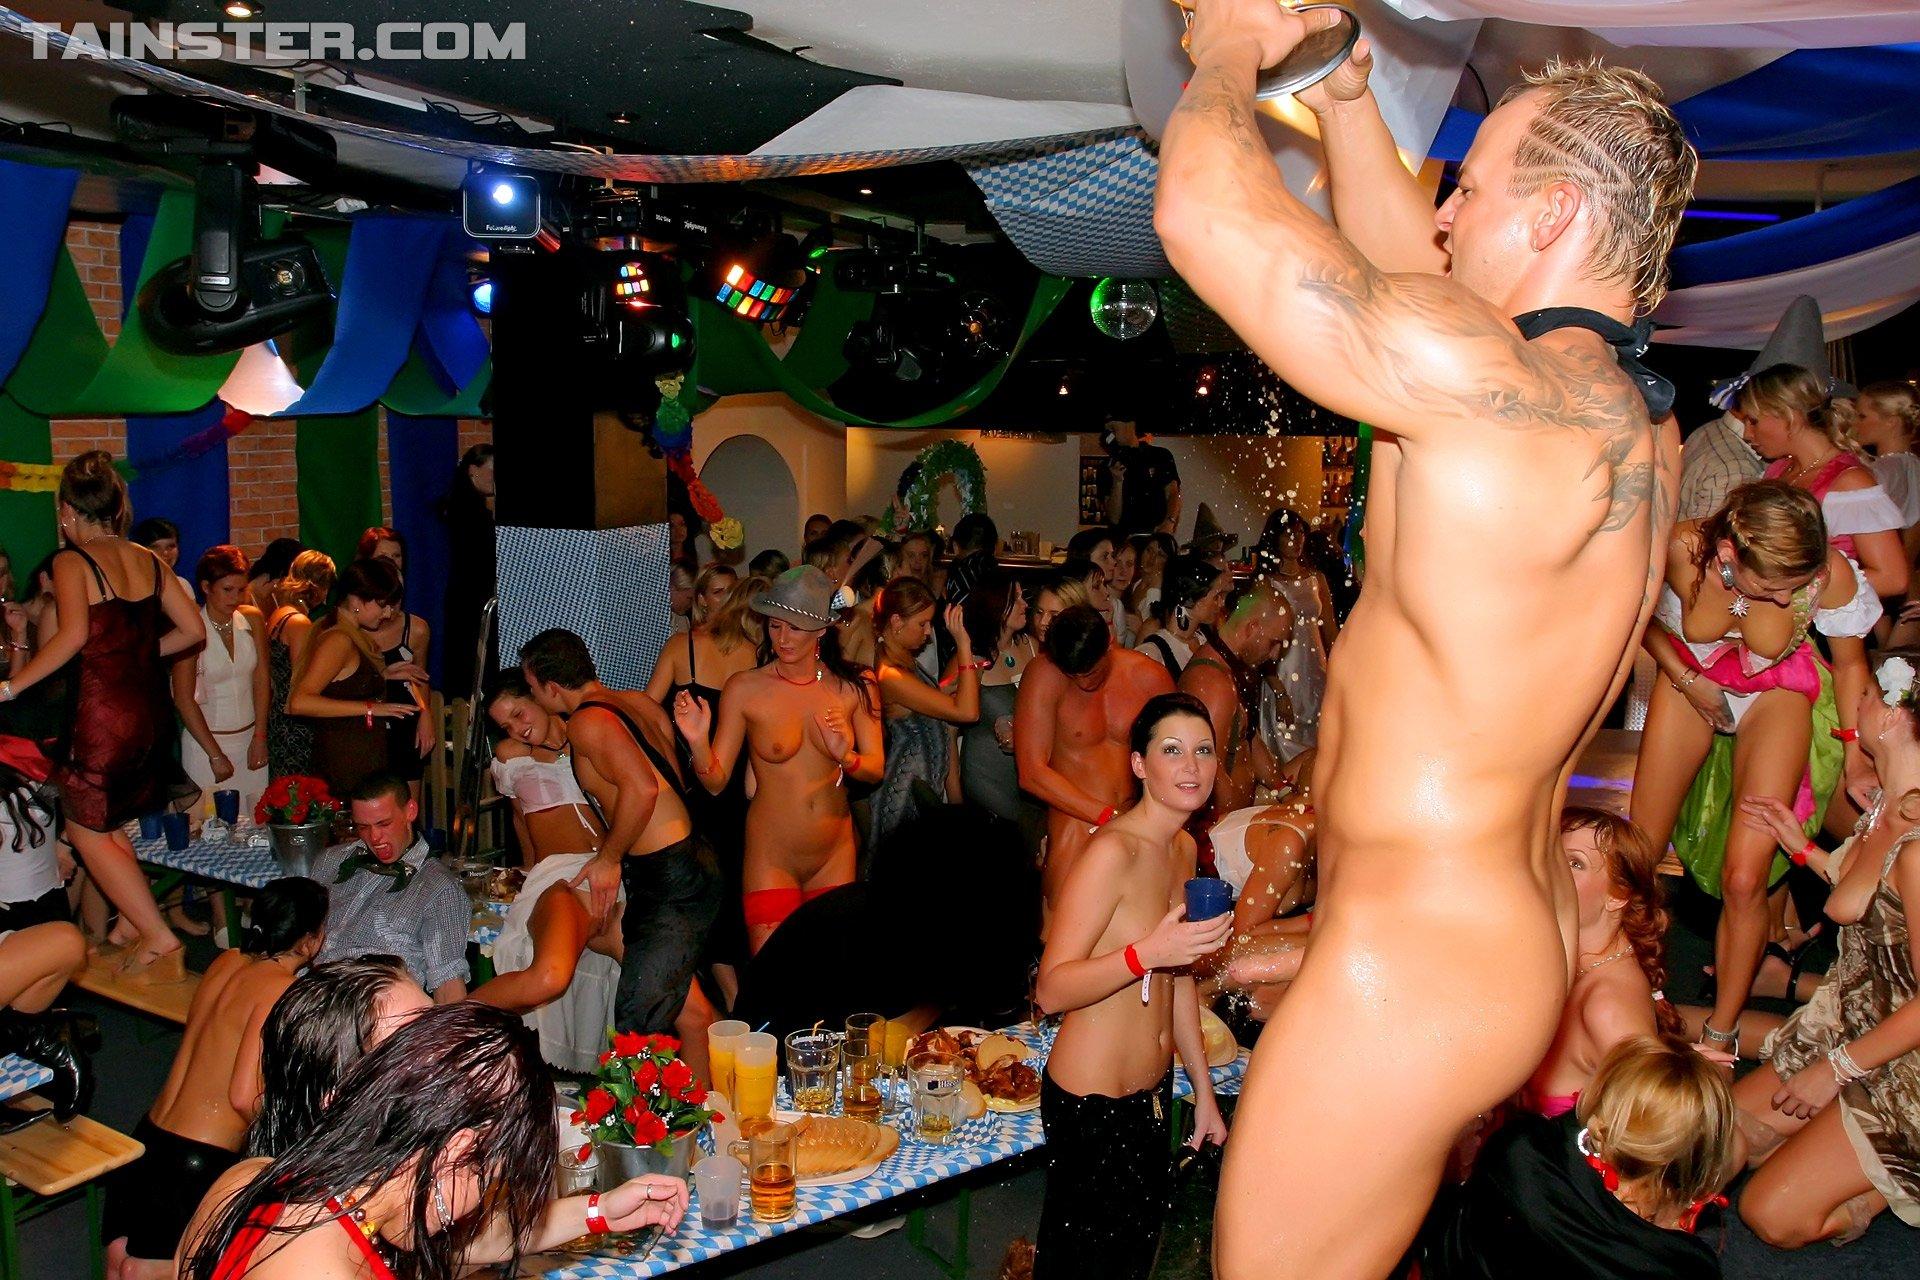 Голые мужчины и женщины в одежде - Фото галерея 866003